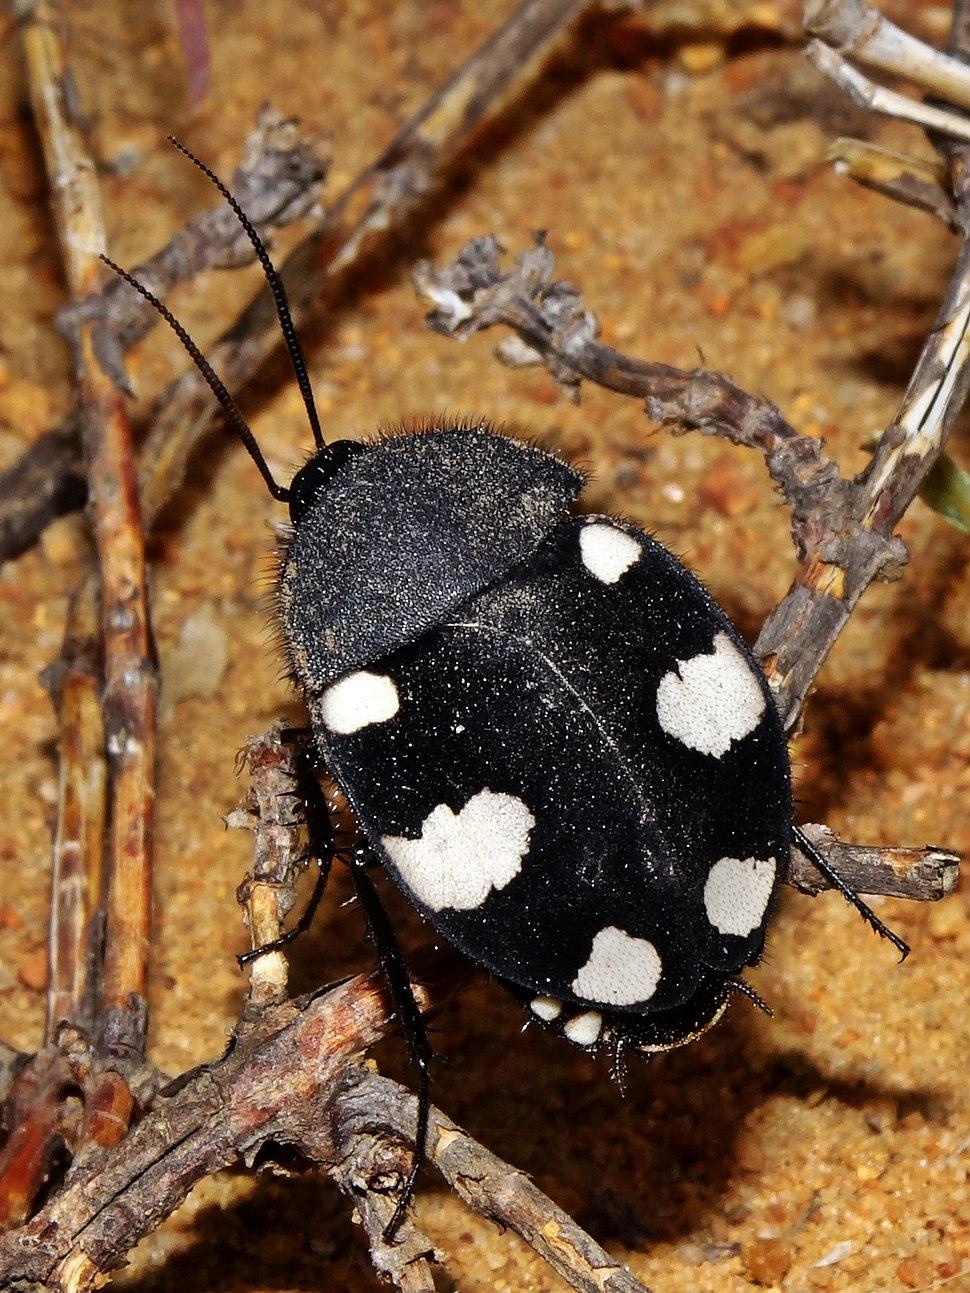 Domino cockroach Therea petiveriana